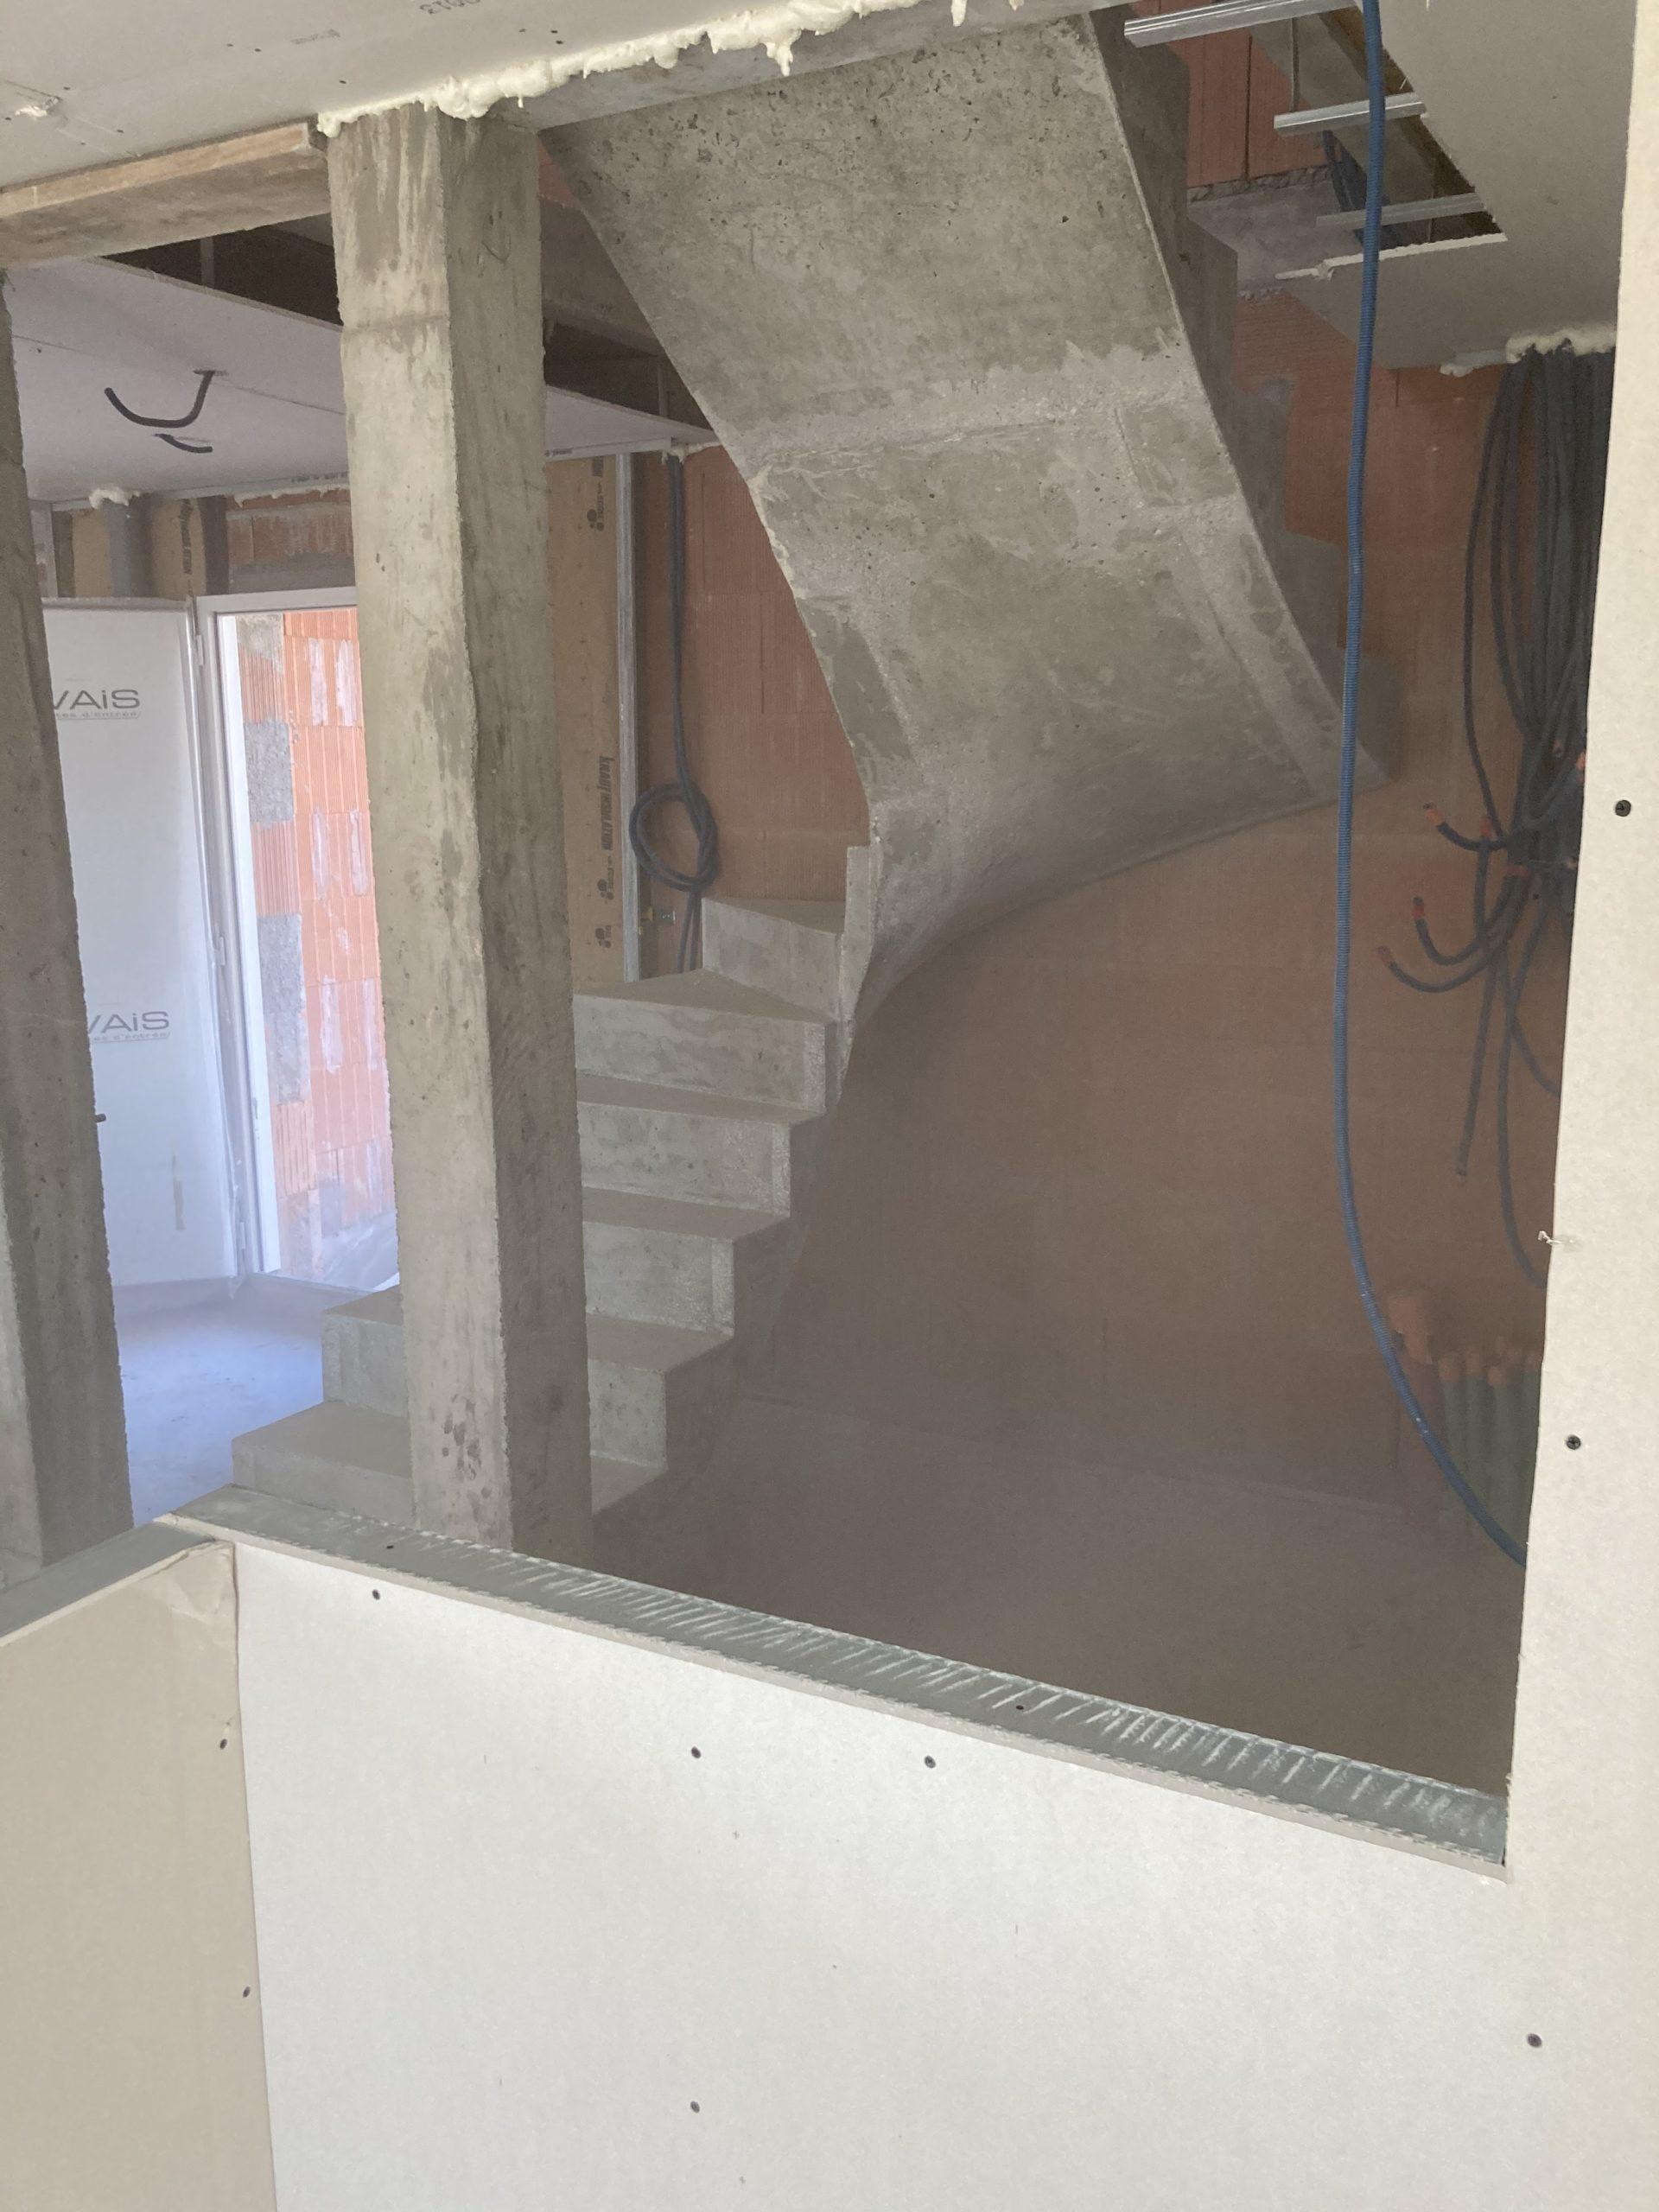 deux volées balancées d'un escalier à paillasse dans une maison en construction